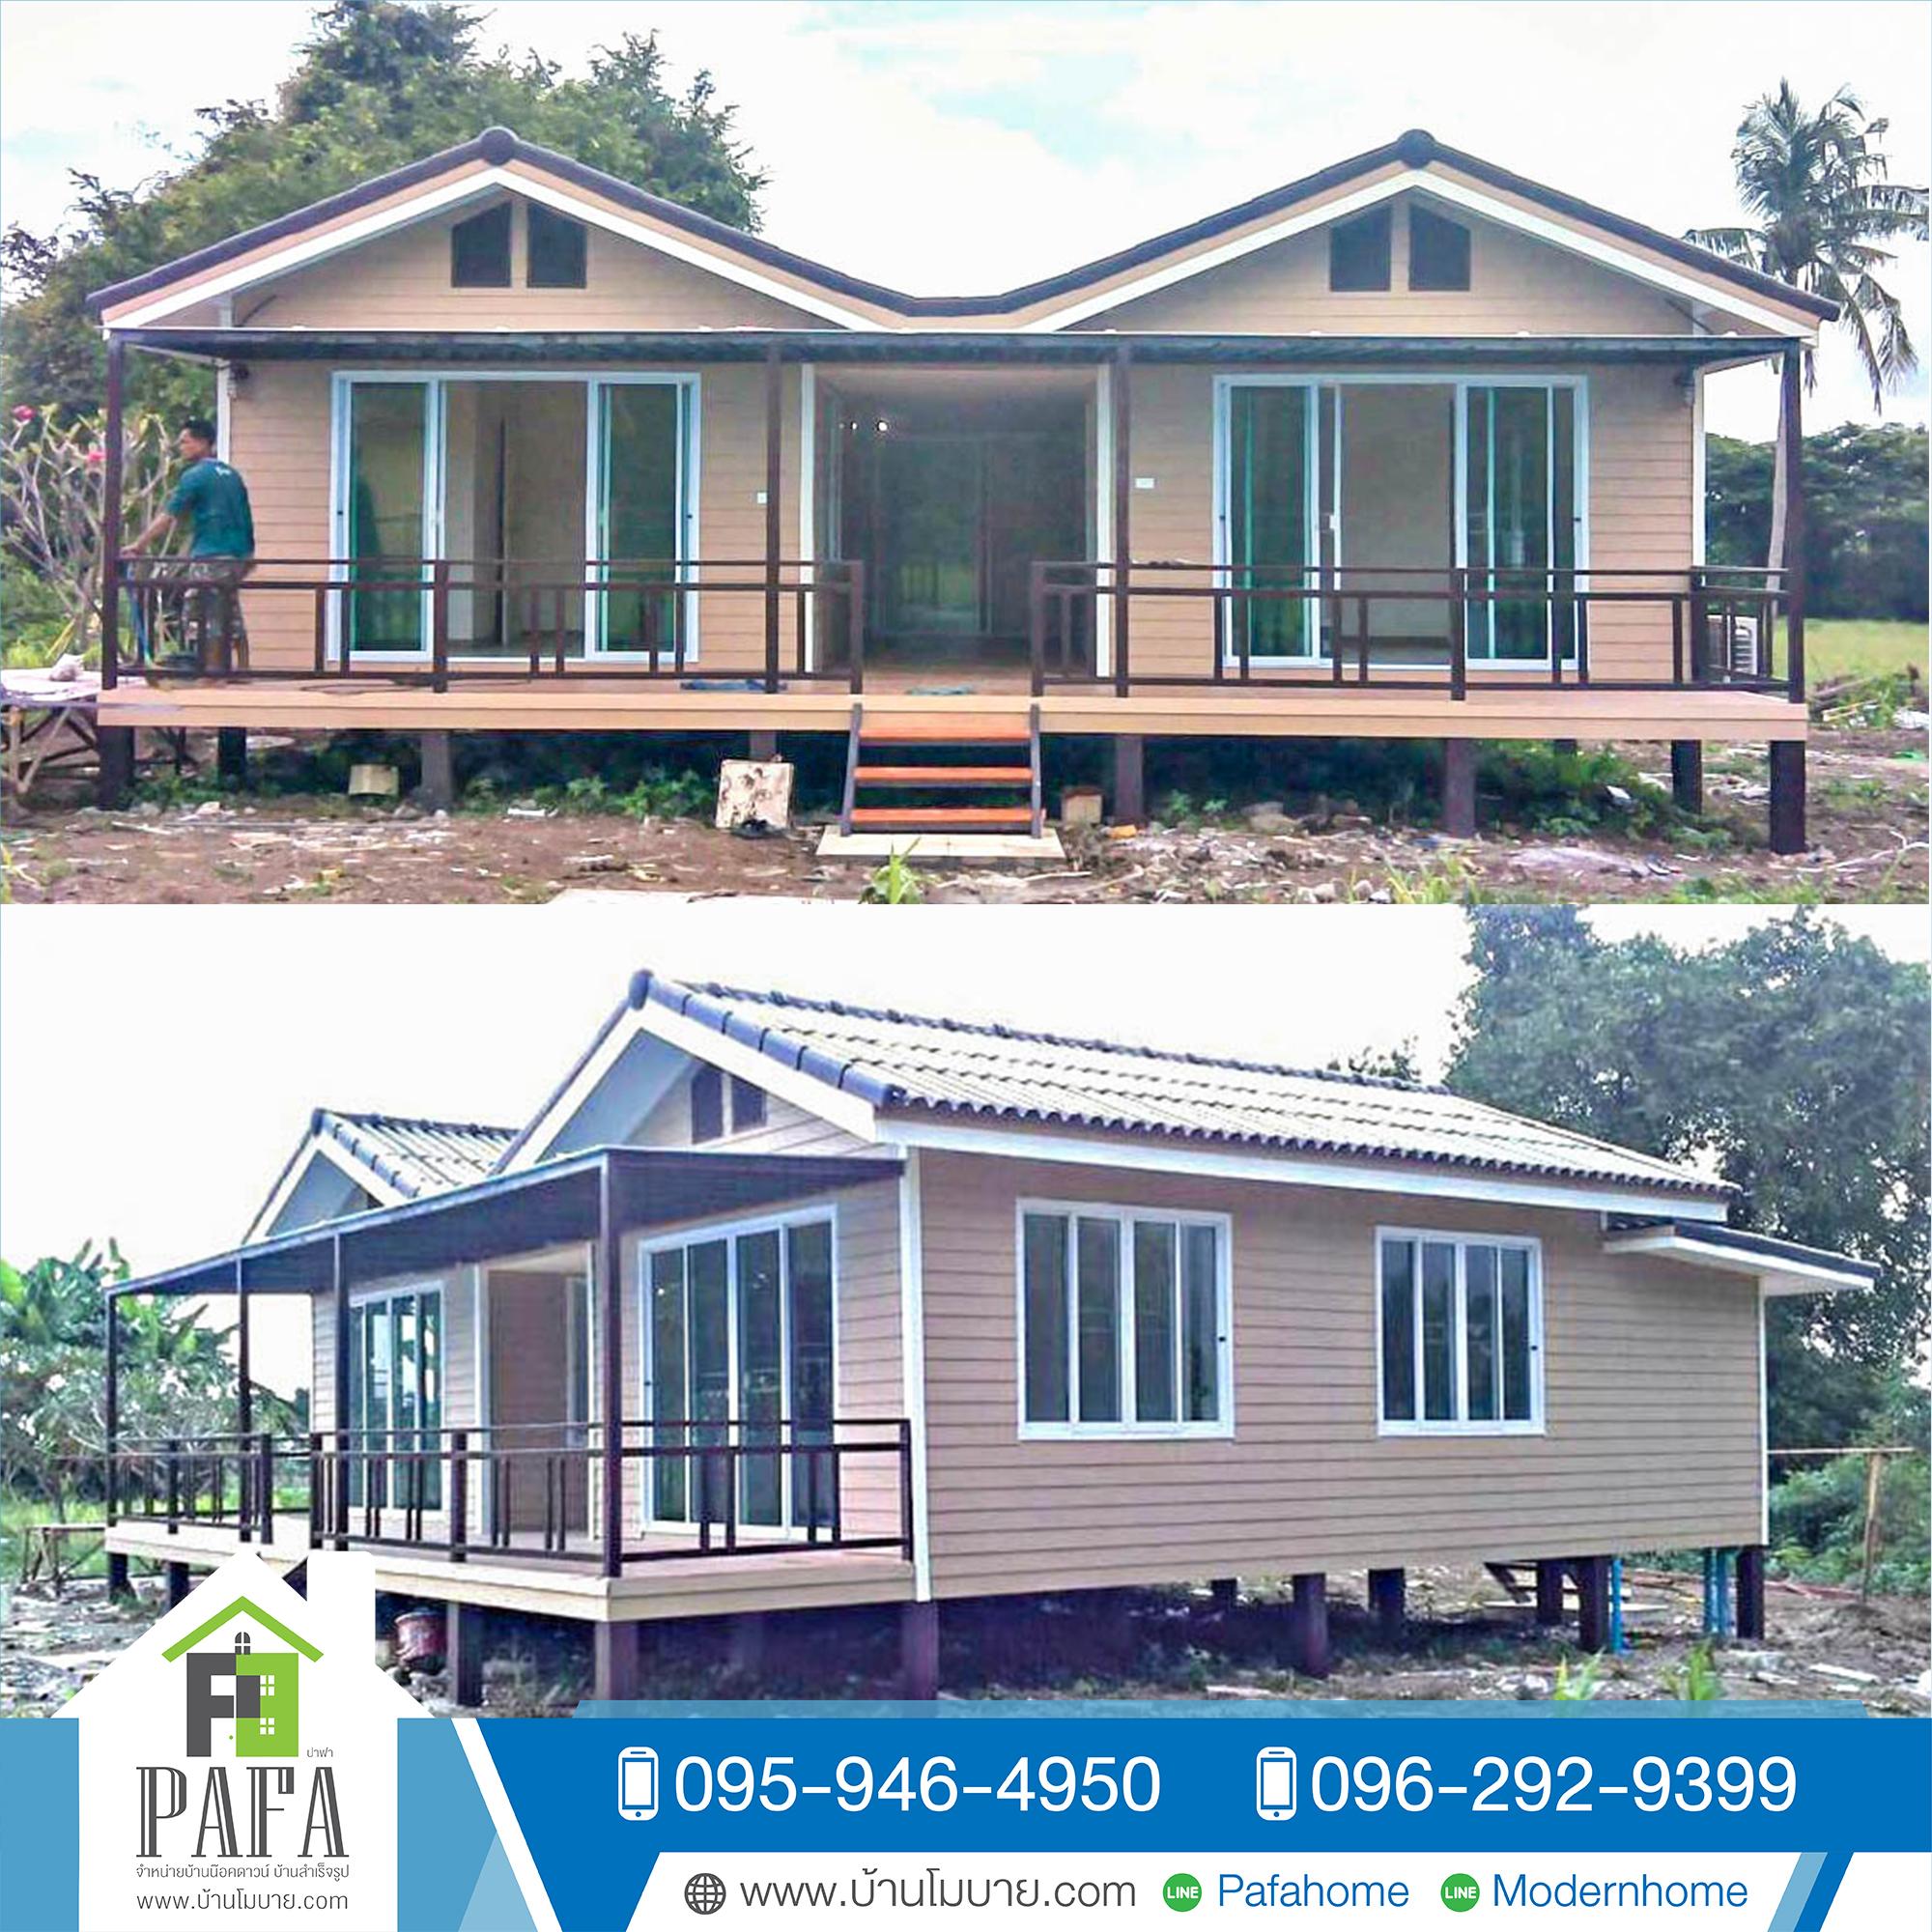 บ้านแฝด ขนาด 4*8 เมตร 2 หลัง (4ห้องโถงใหญ่ 3ห้องน้ำ 1ห้องครัว)